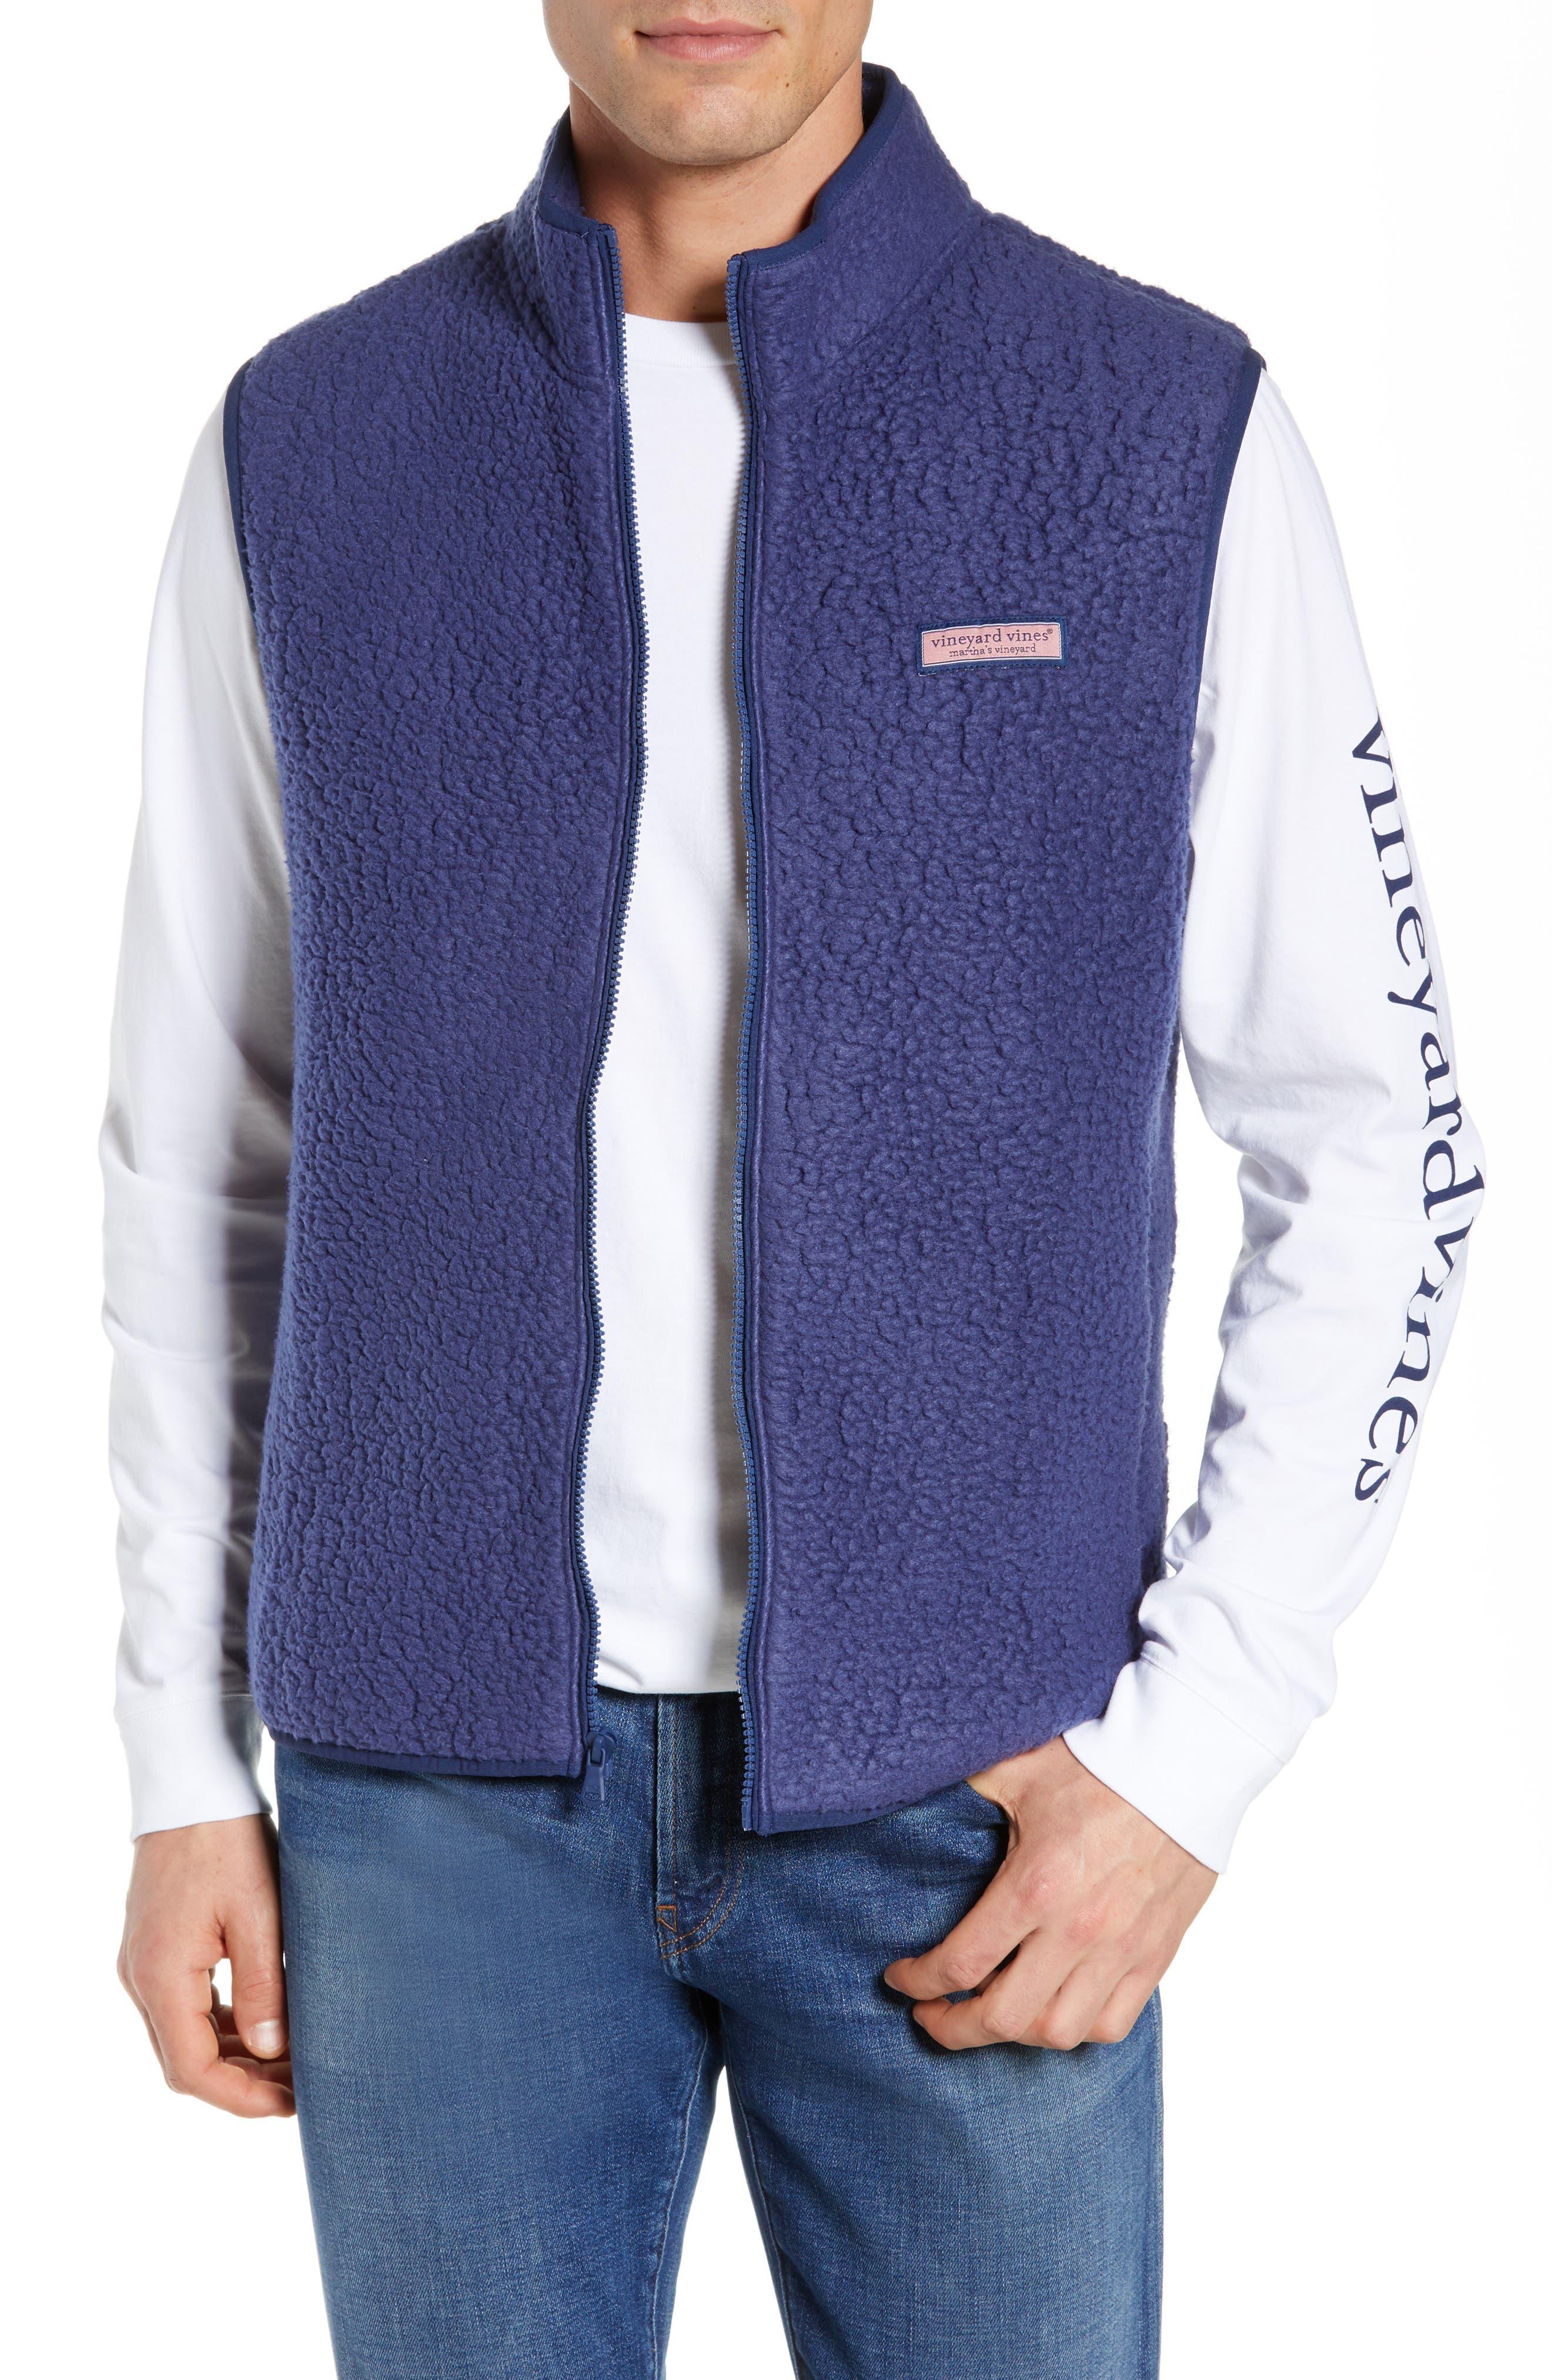 Vineyard Vines High File Fleece Vest, Blue